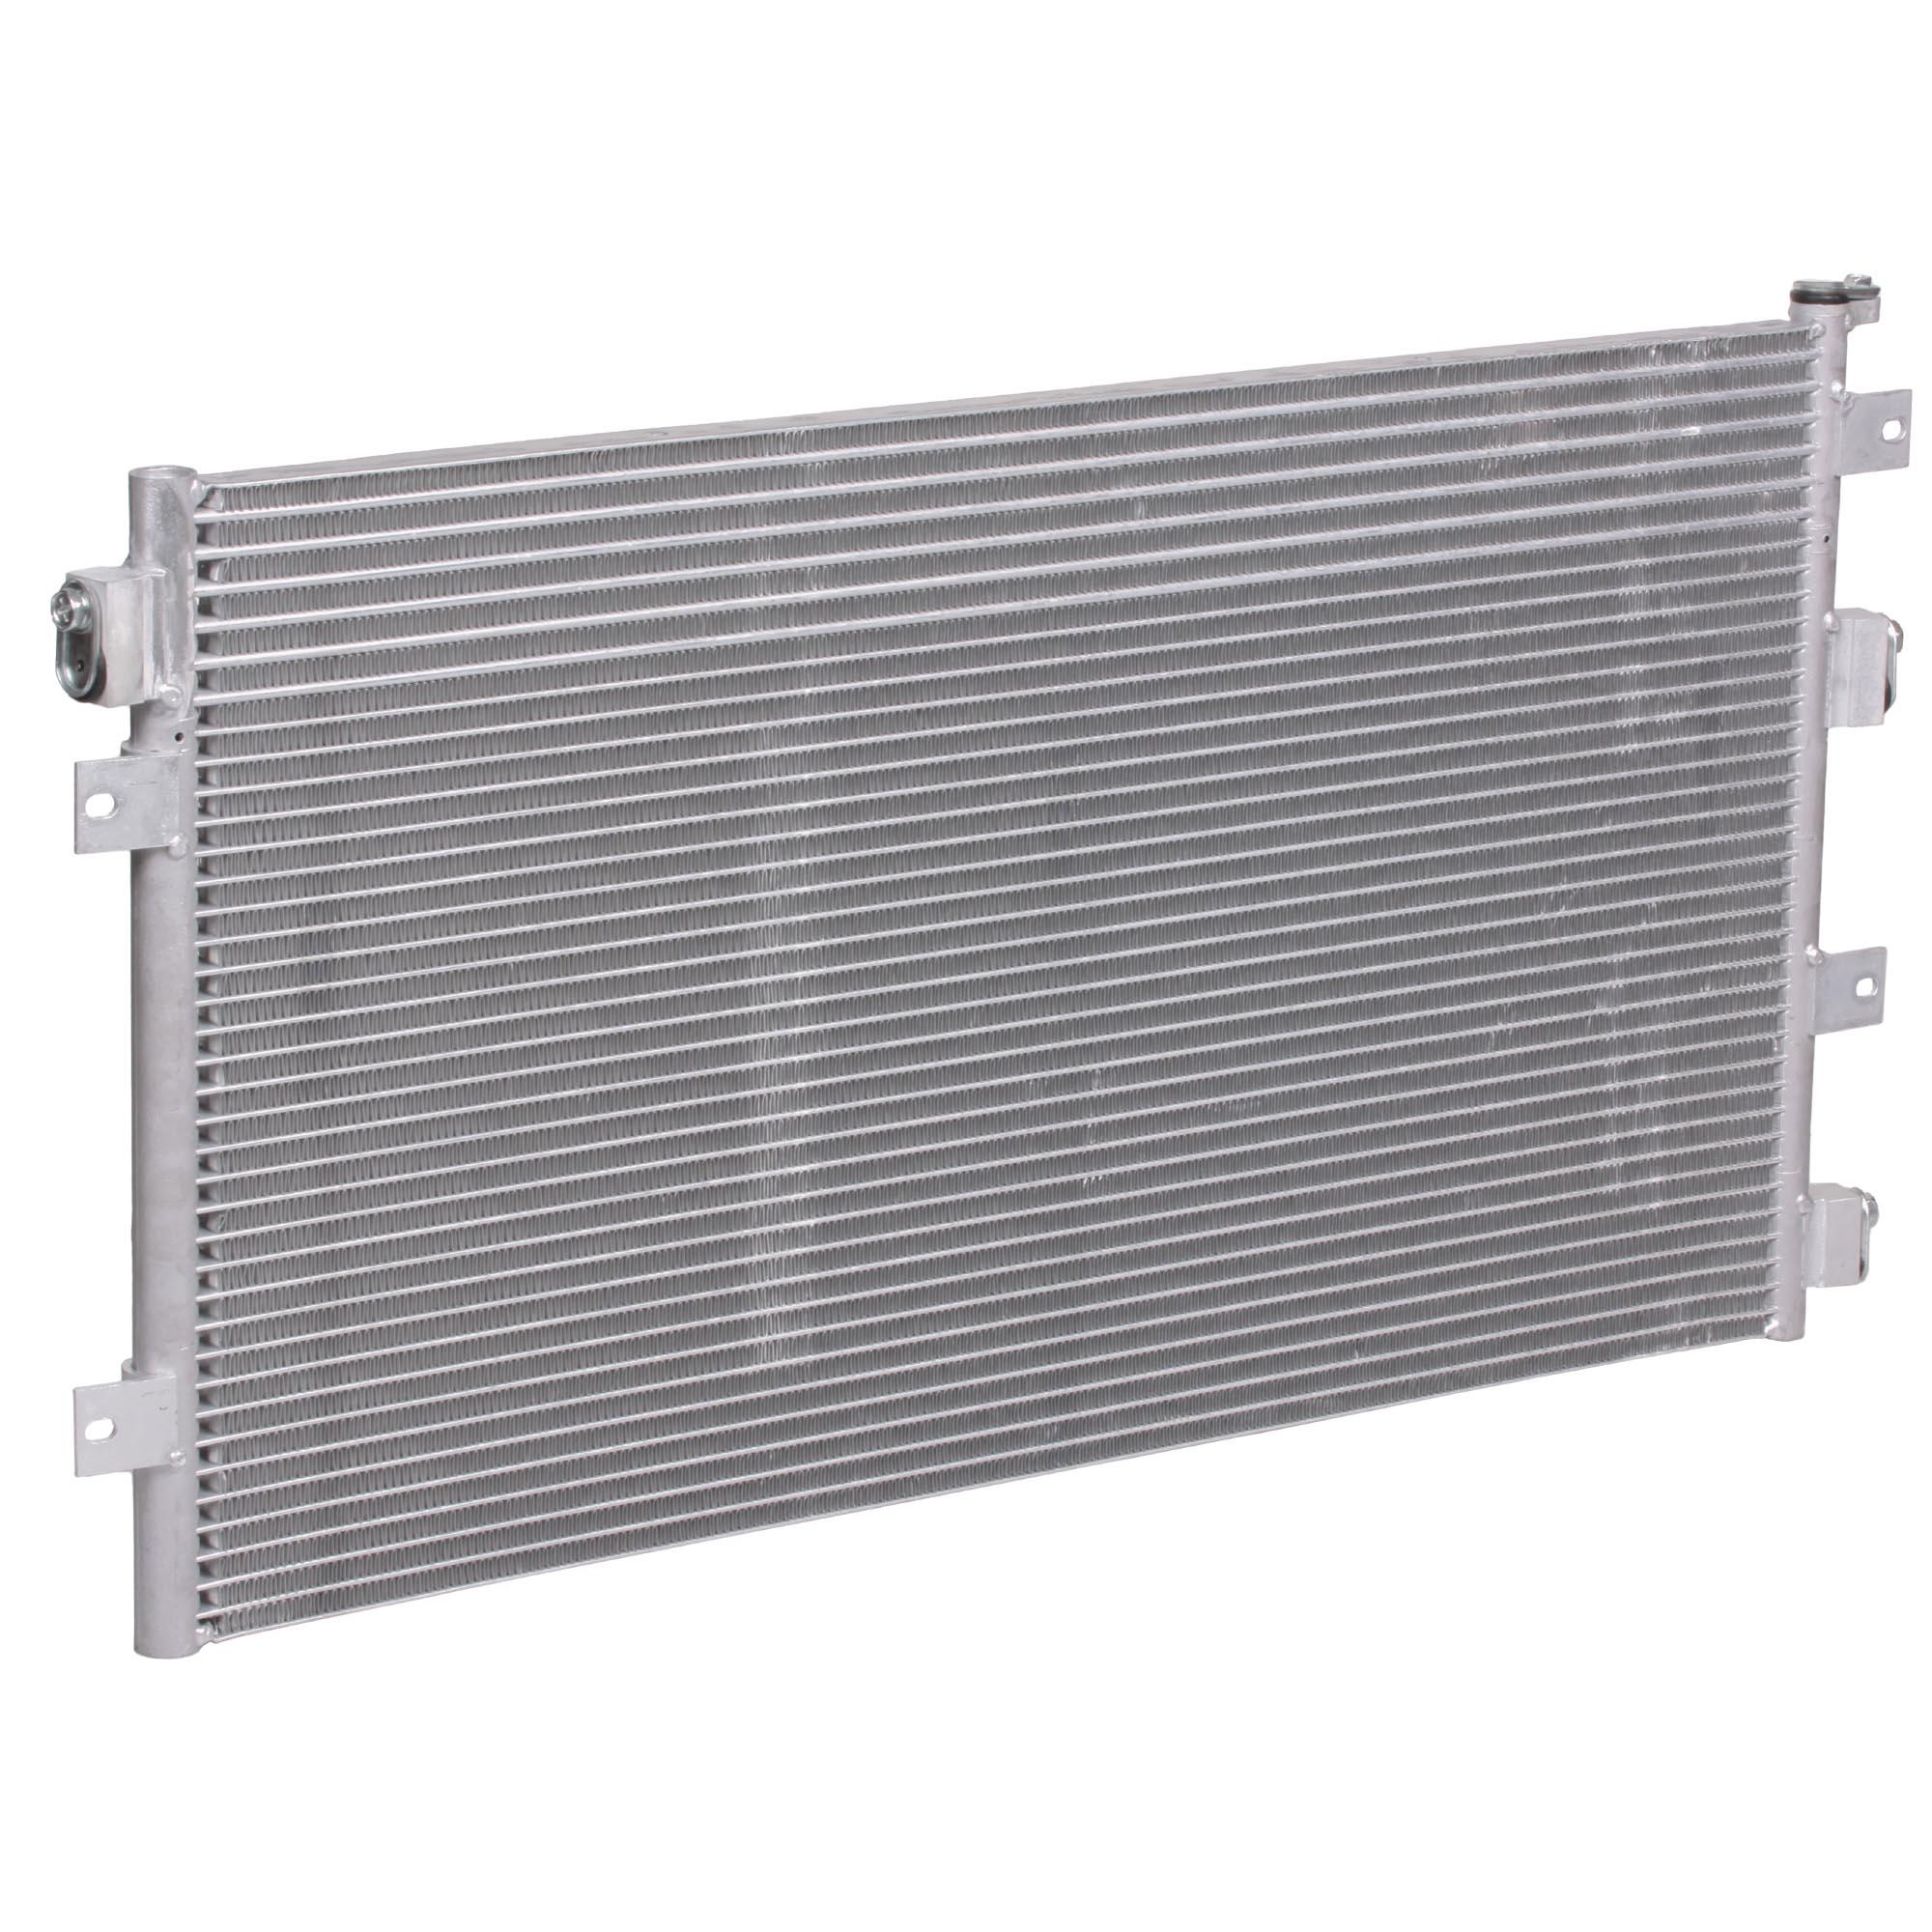 Радиатор кондиционера Siber/Chrysler/Dodge LUZAR фото